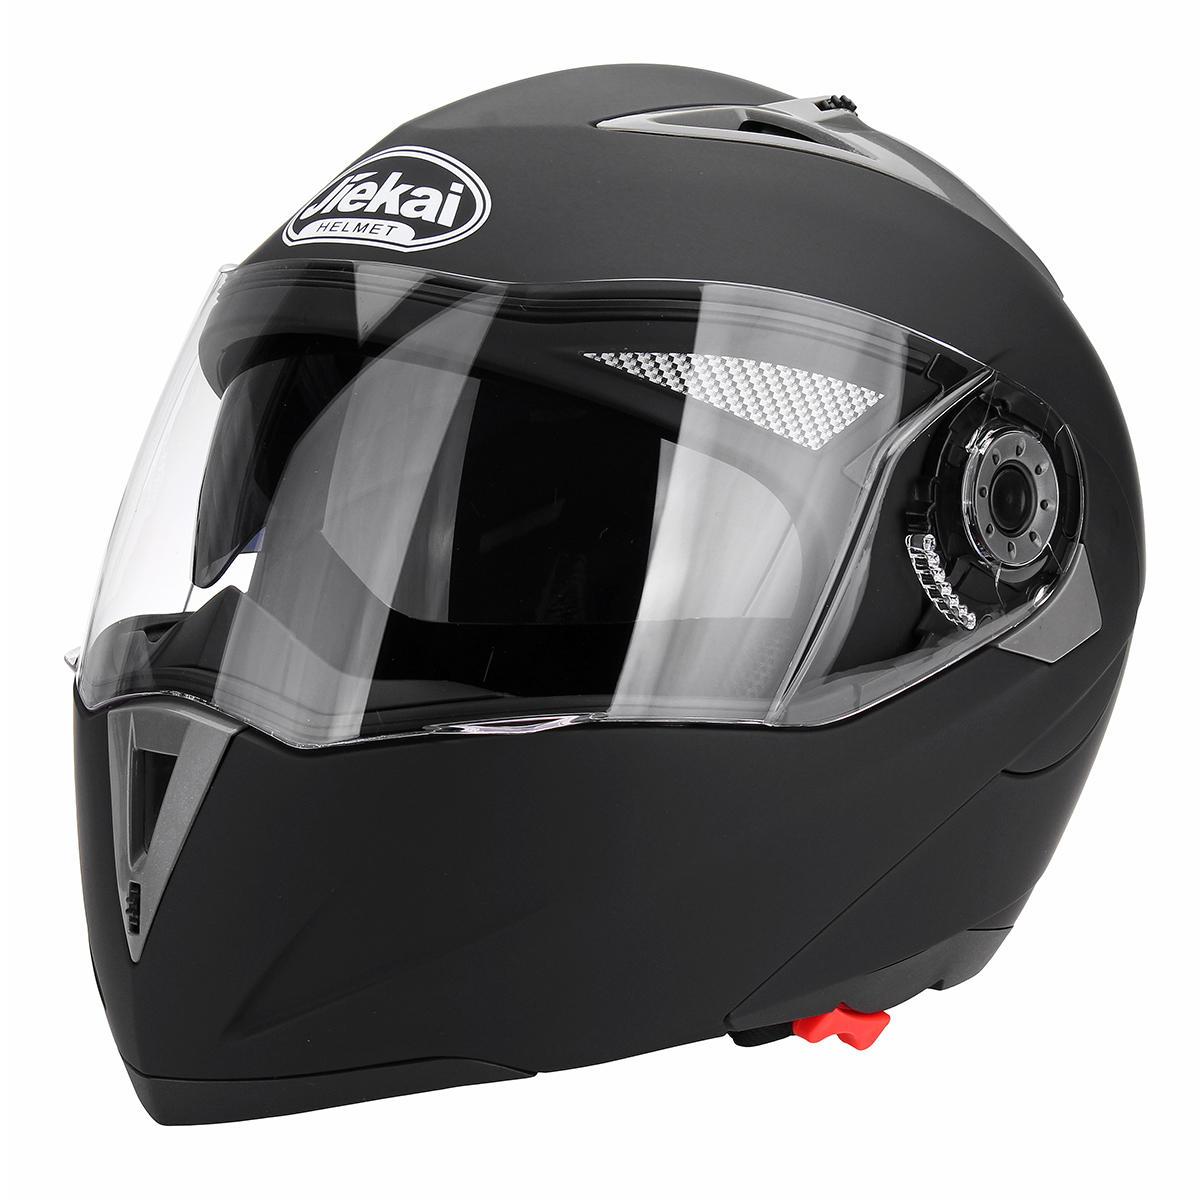 Dirt Bike Helmet With Visor >> Motorcycle Open Face Helmet Dual Visor Flip Up Adult Full Face Motocross Dirt Bike M L Xl